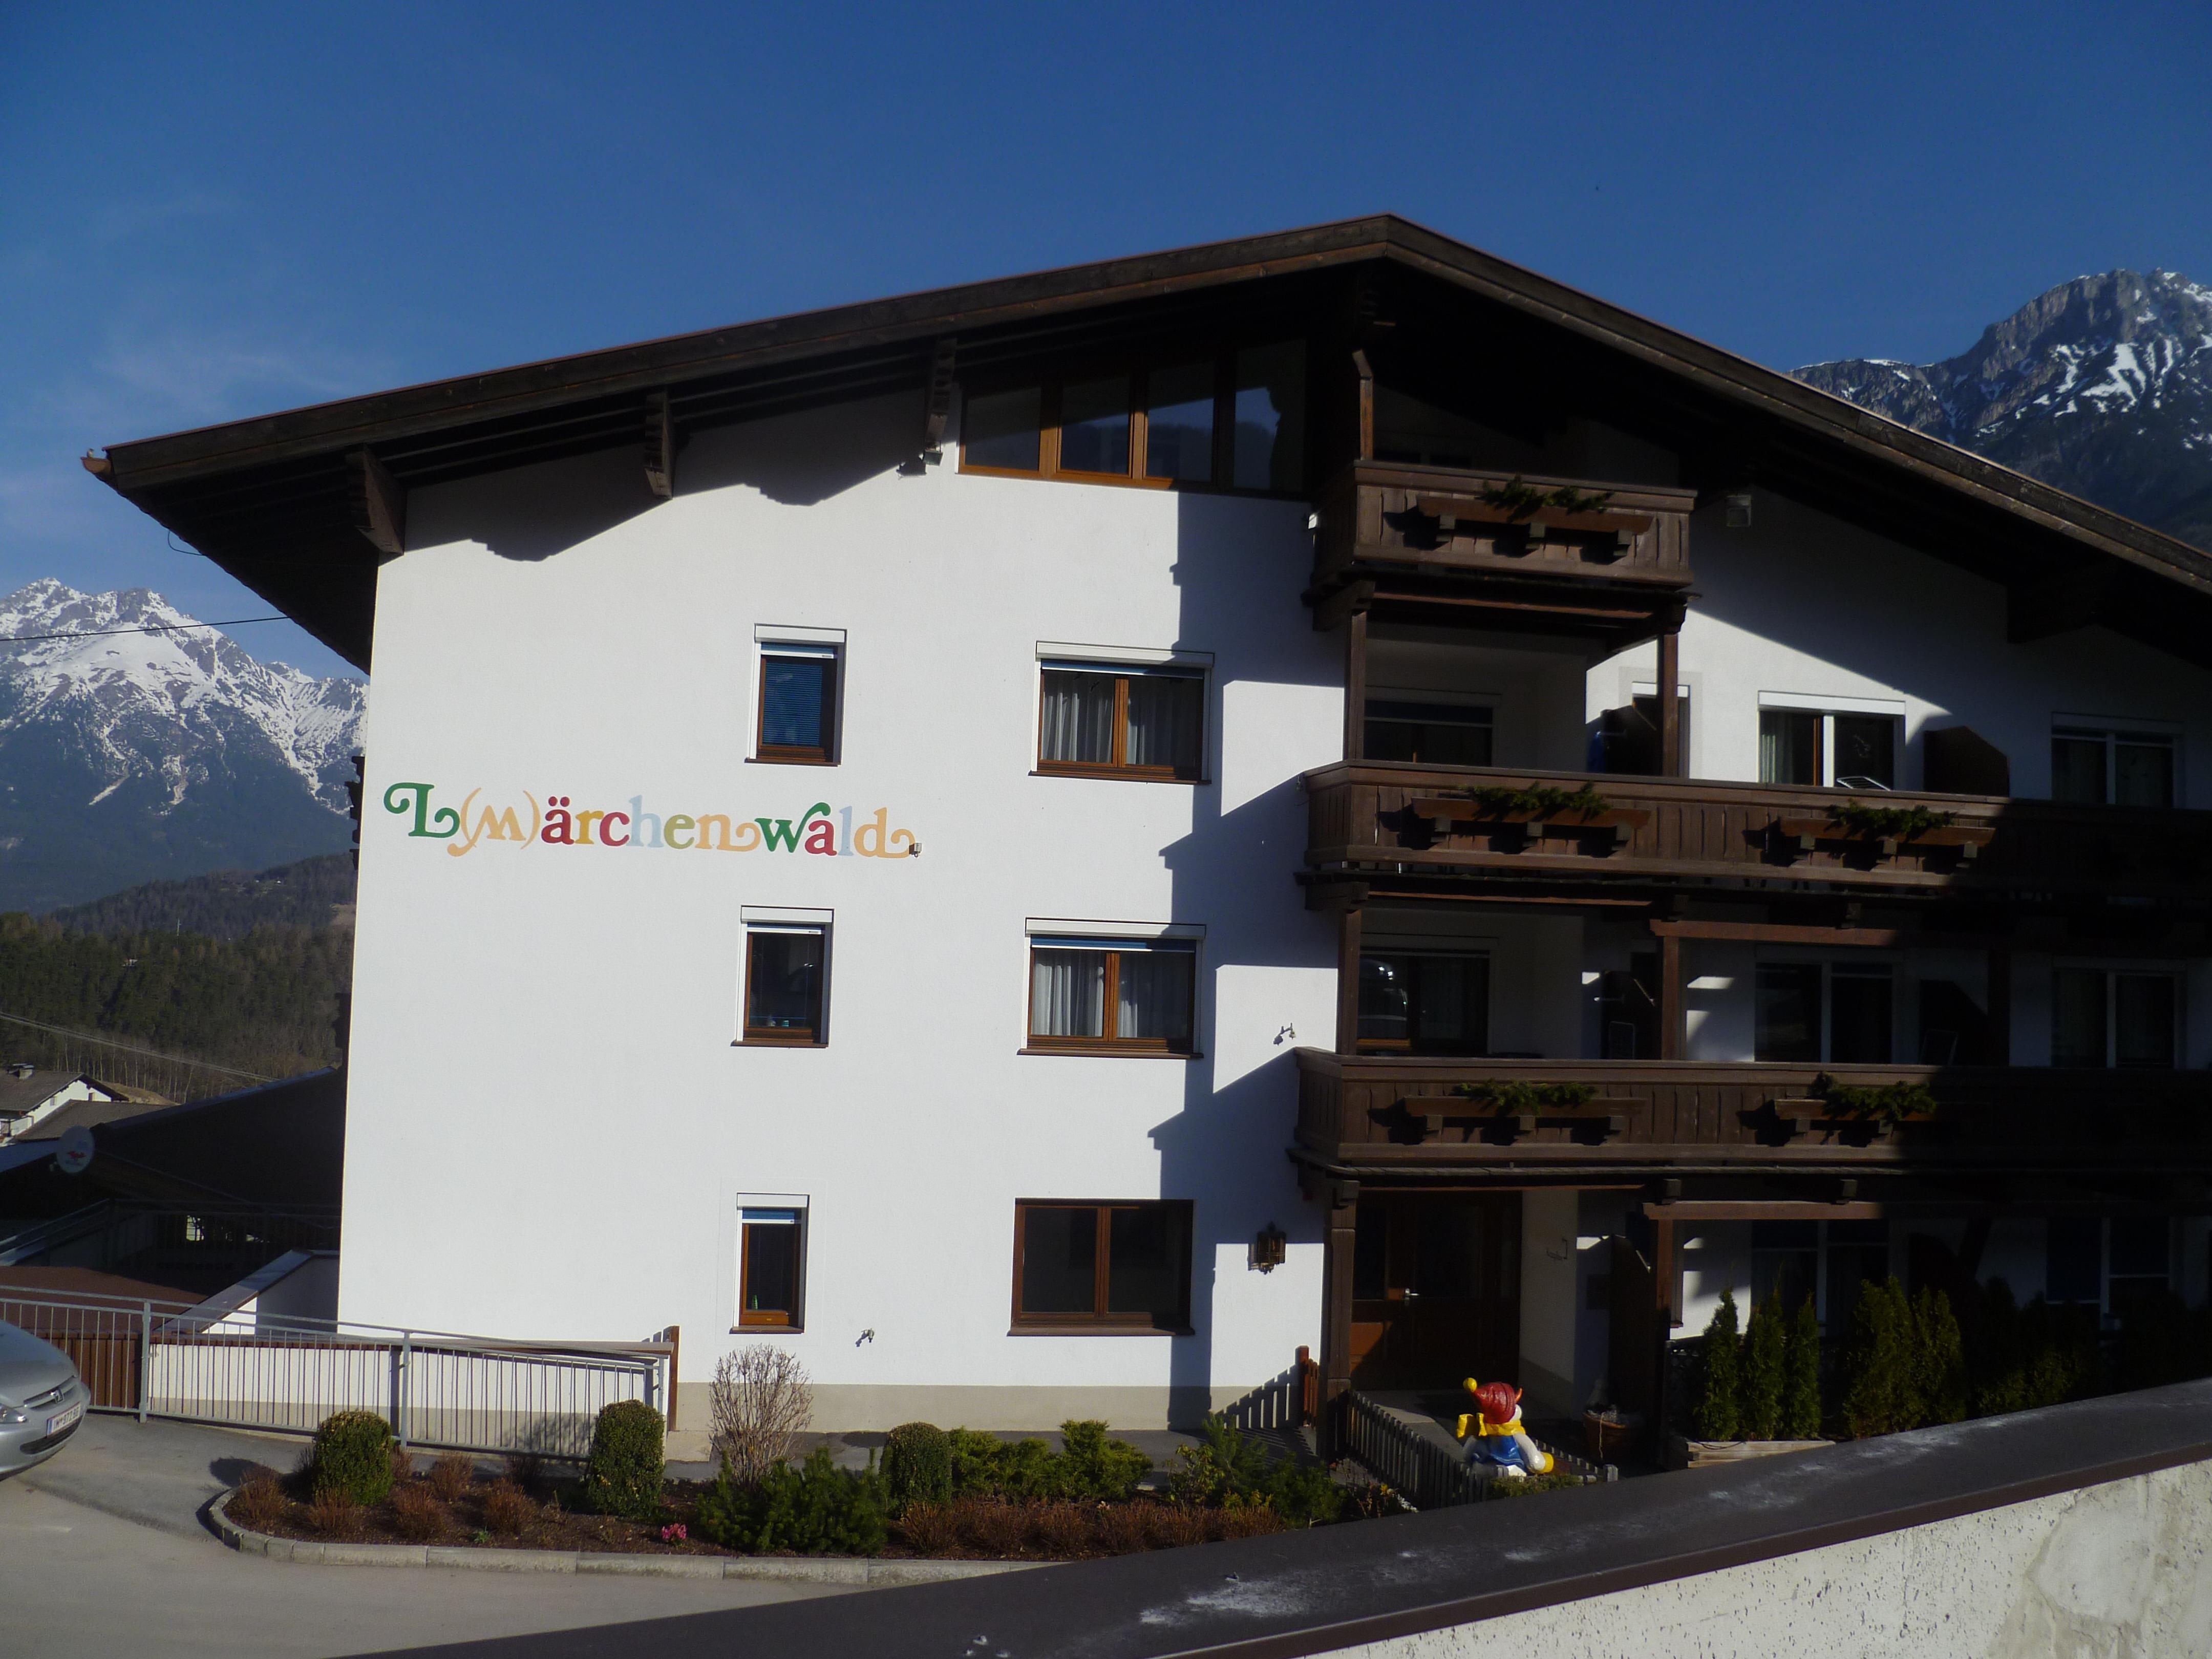 Kinderhotel L(M)archenwald